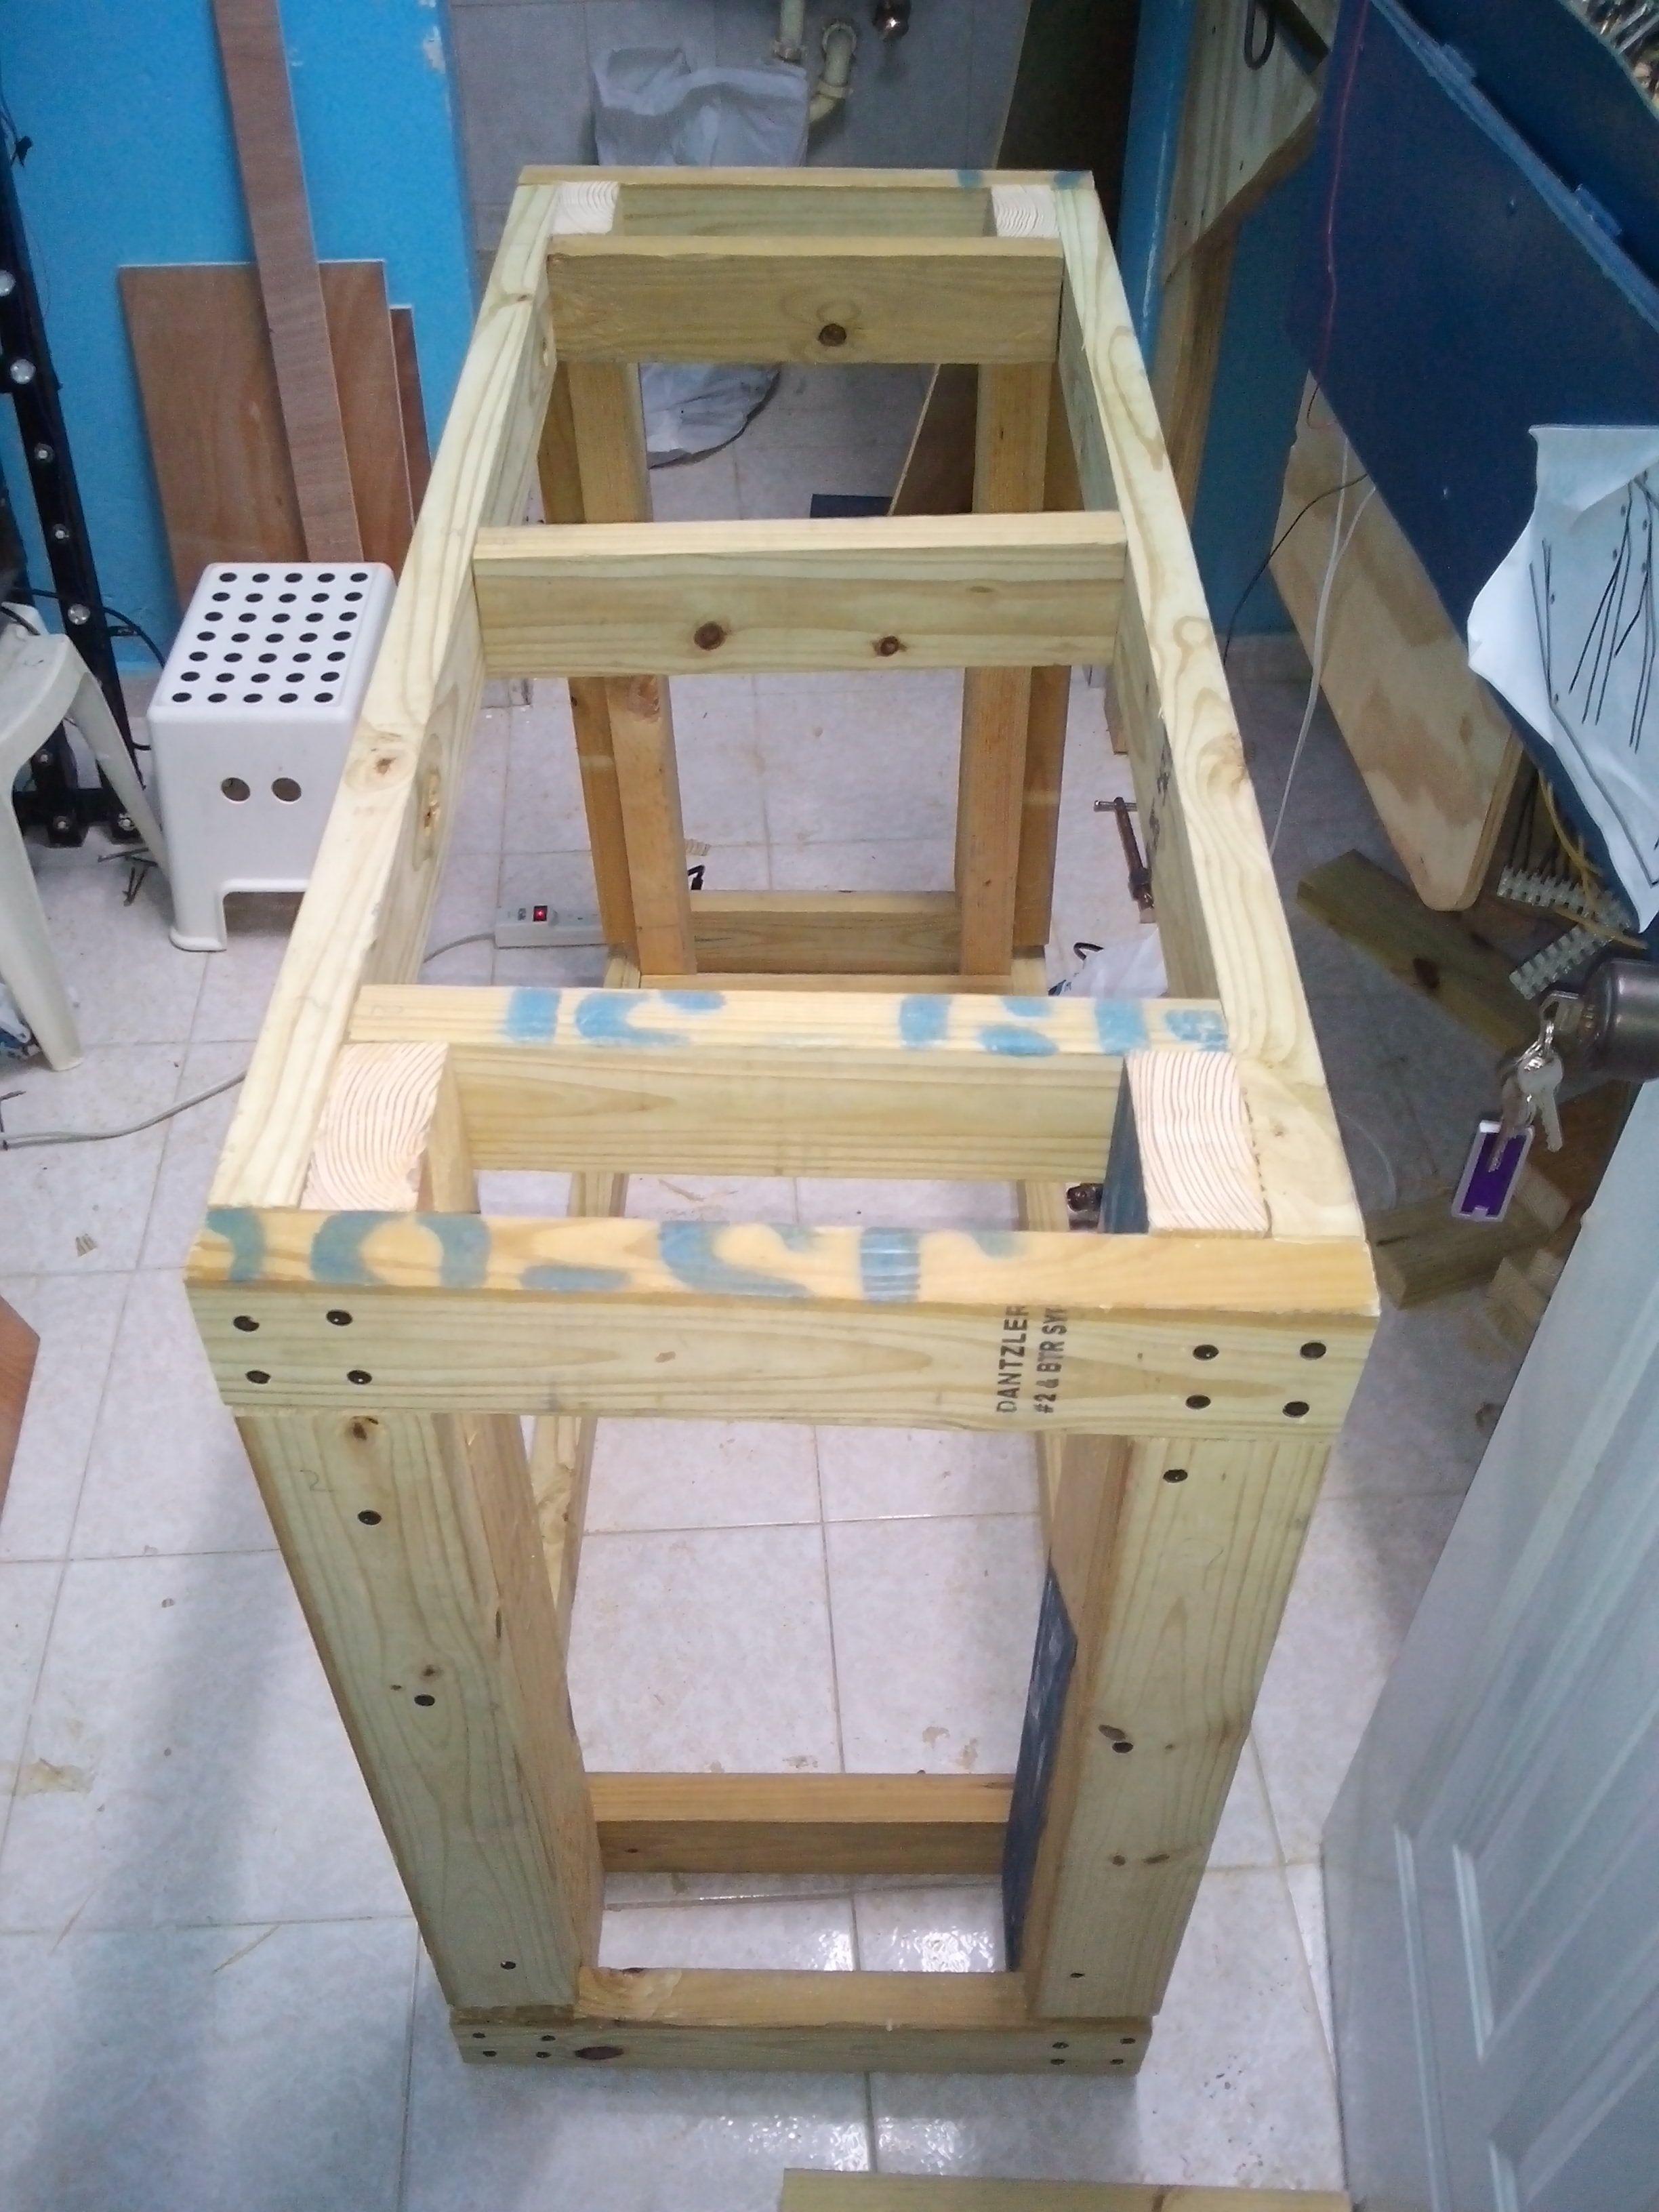 mueble | Proyectos que intentar | Pinterest | Acuario, Peceras y Arte